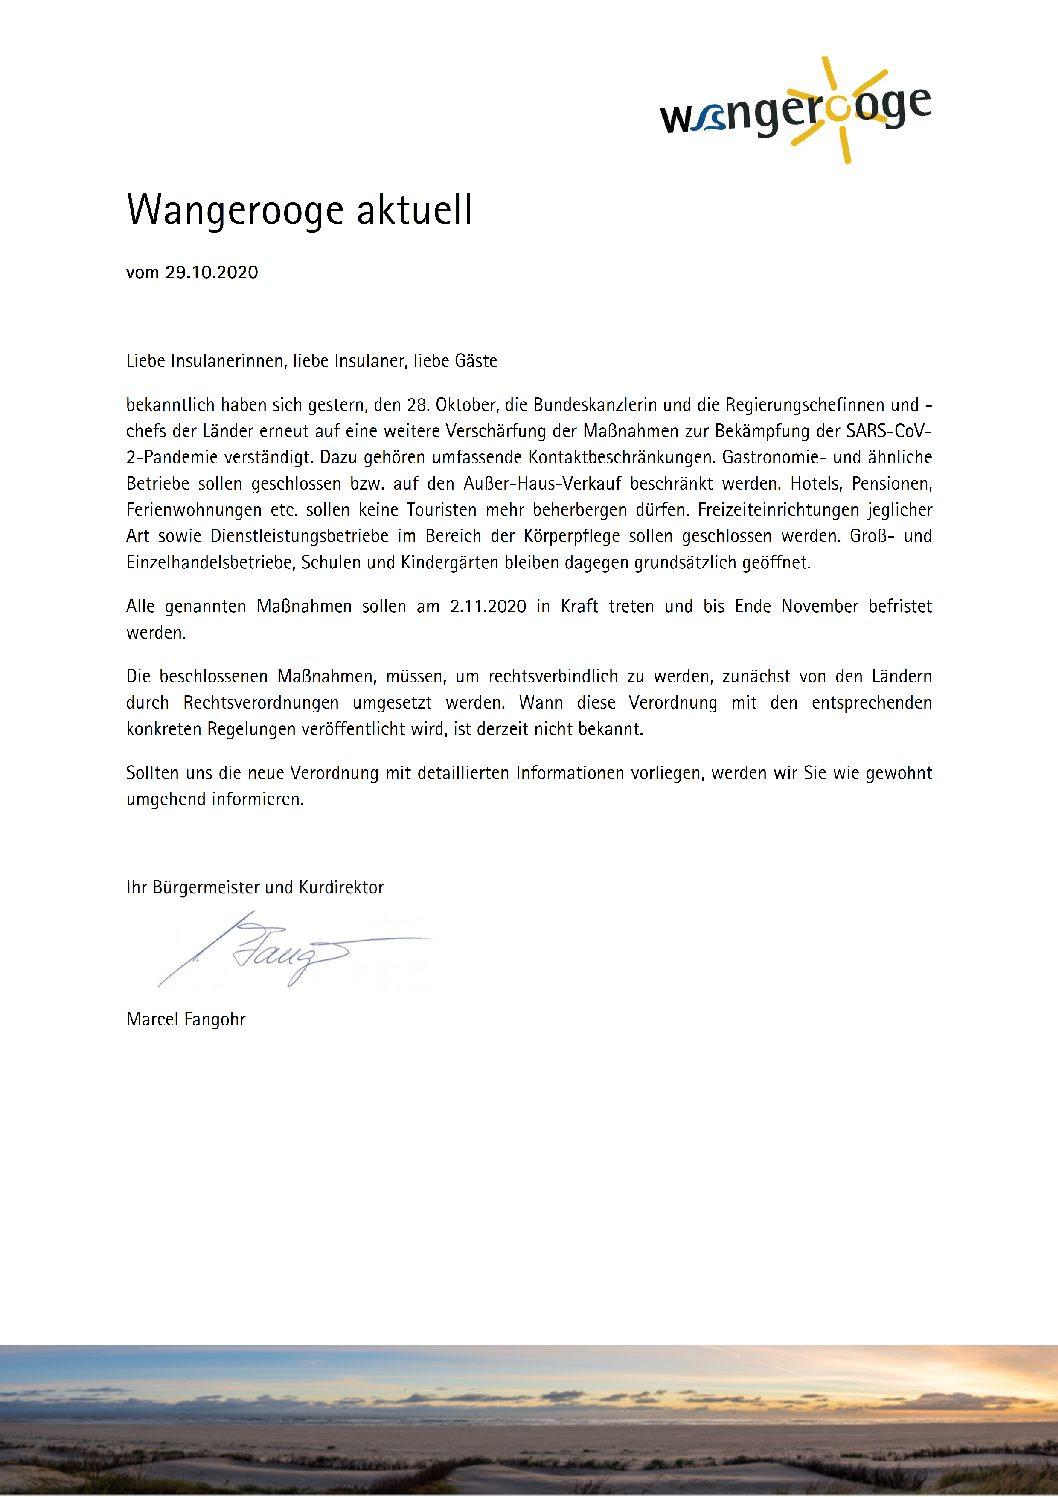 Wangerooge Aktuell der Kurverwaltung vom 29.10.2020 zur weiteren Verschärfung der Maßnahmen gegen Corona